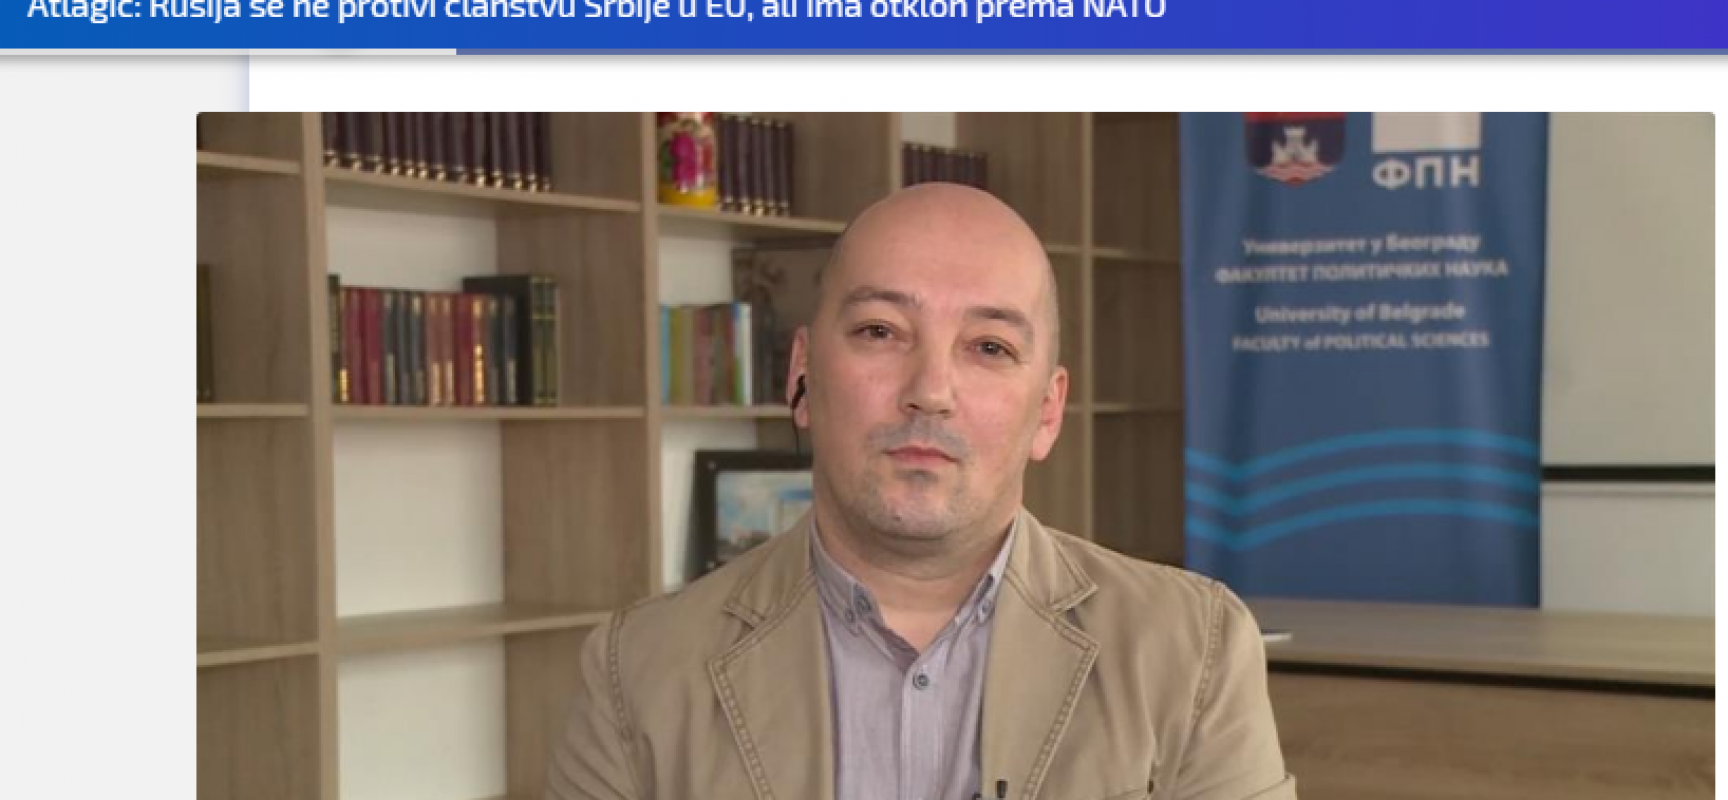 Atlagić: Rusija se ne protivi članstvu Srbije u EU, ali ima otklon prema NATO